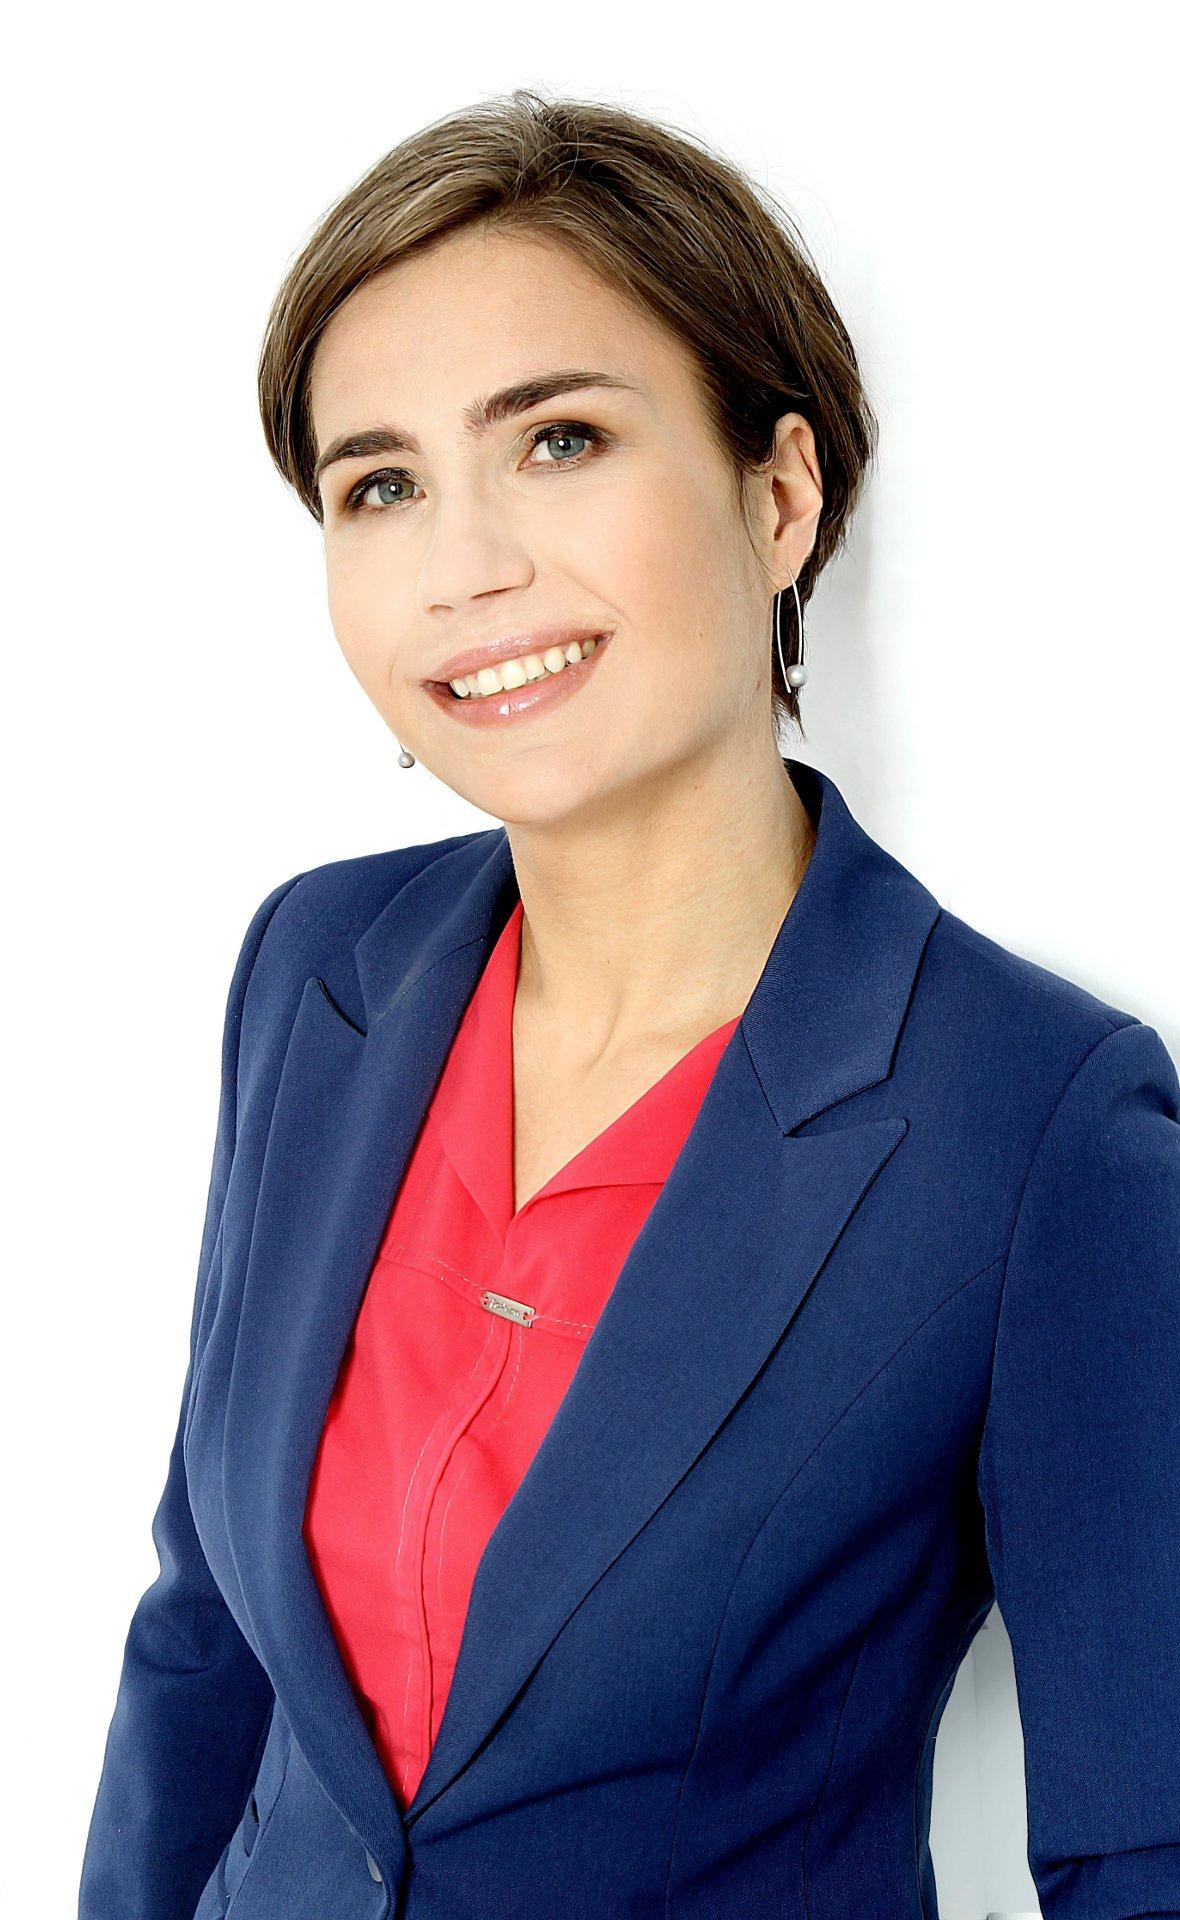 Agata Gorzelana